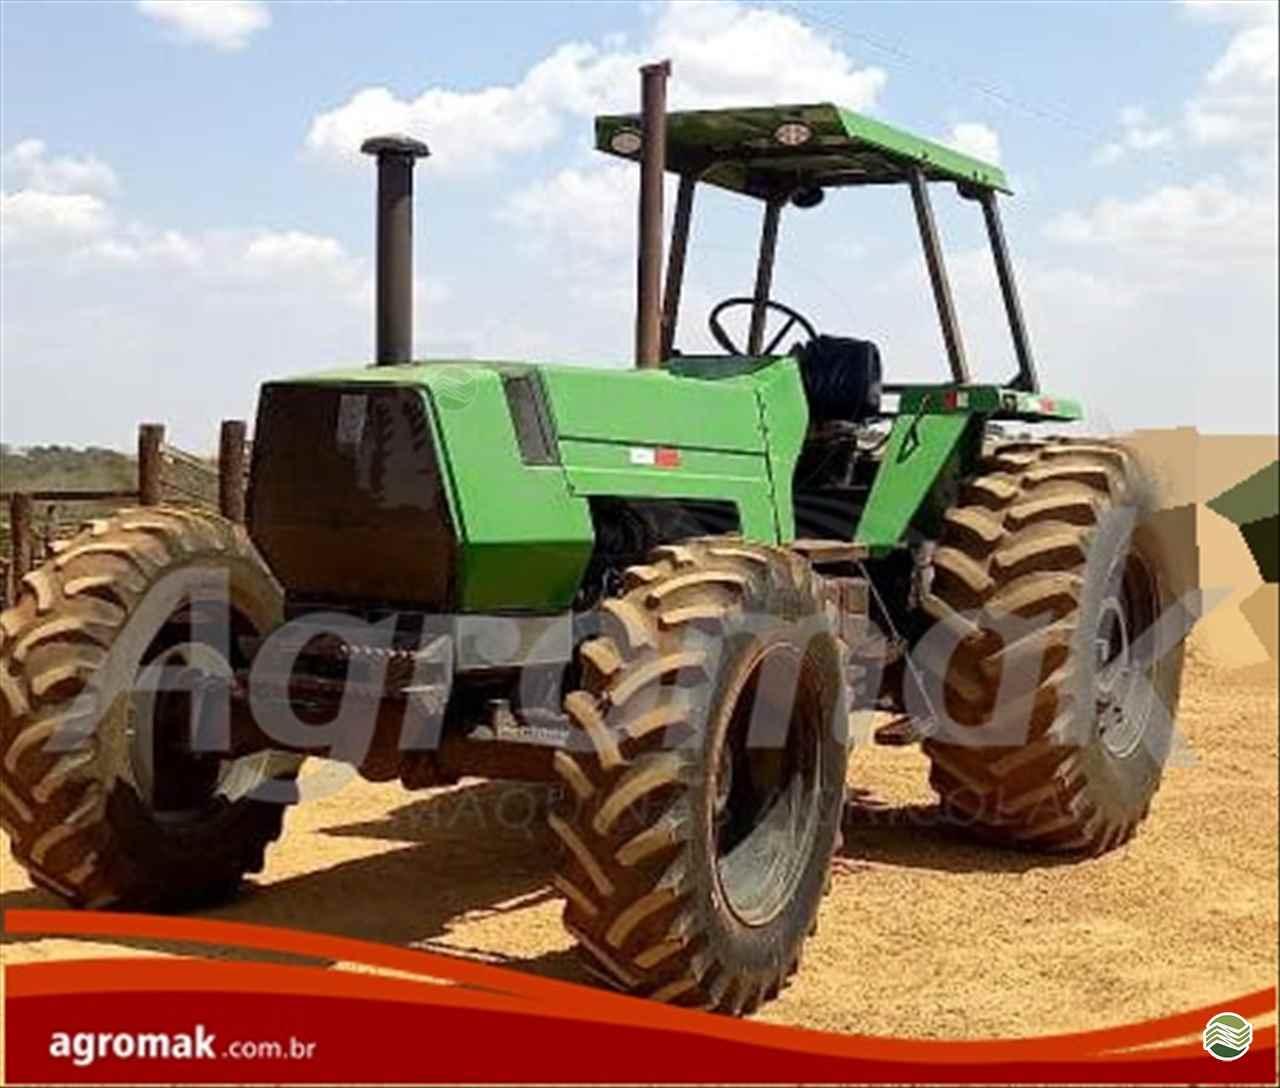 TRATOR AGRALE AGRALE 4170 Tração 4x2 Agromak Máquinas Agrícolas CAMPO VERDE MATO GROSSO MT